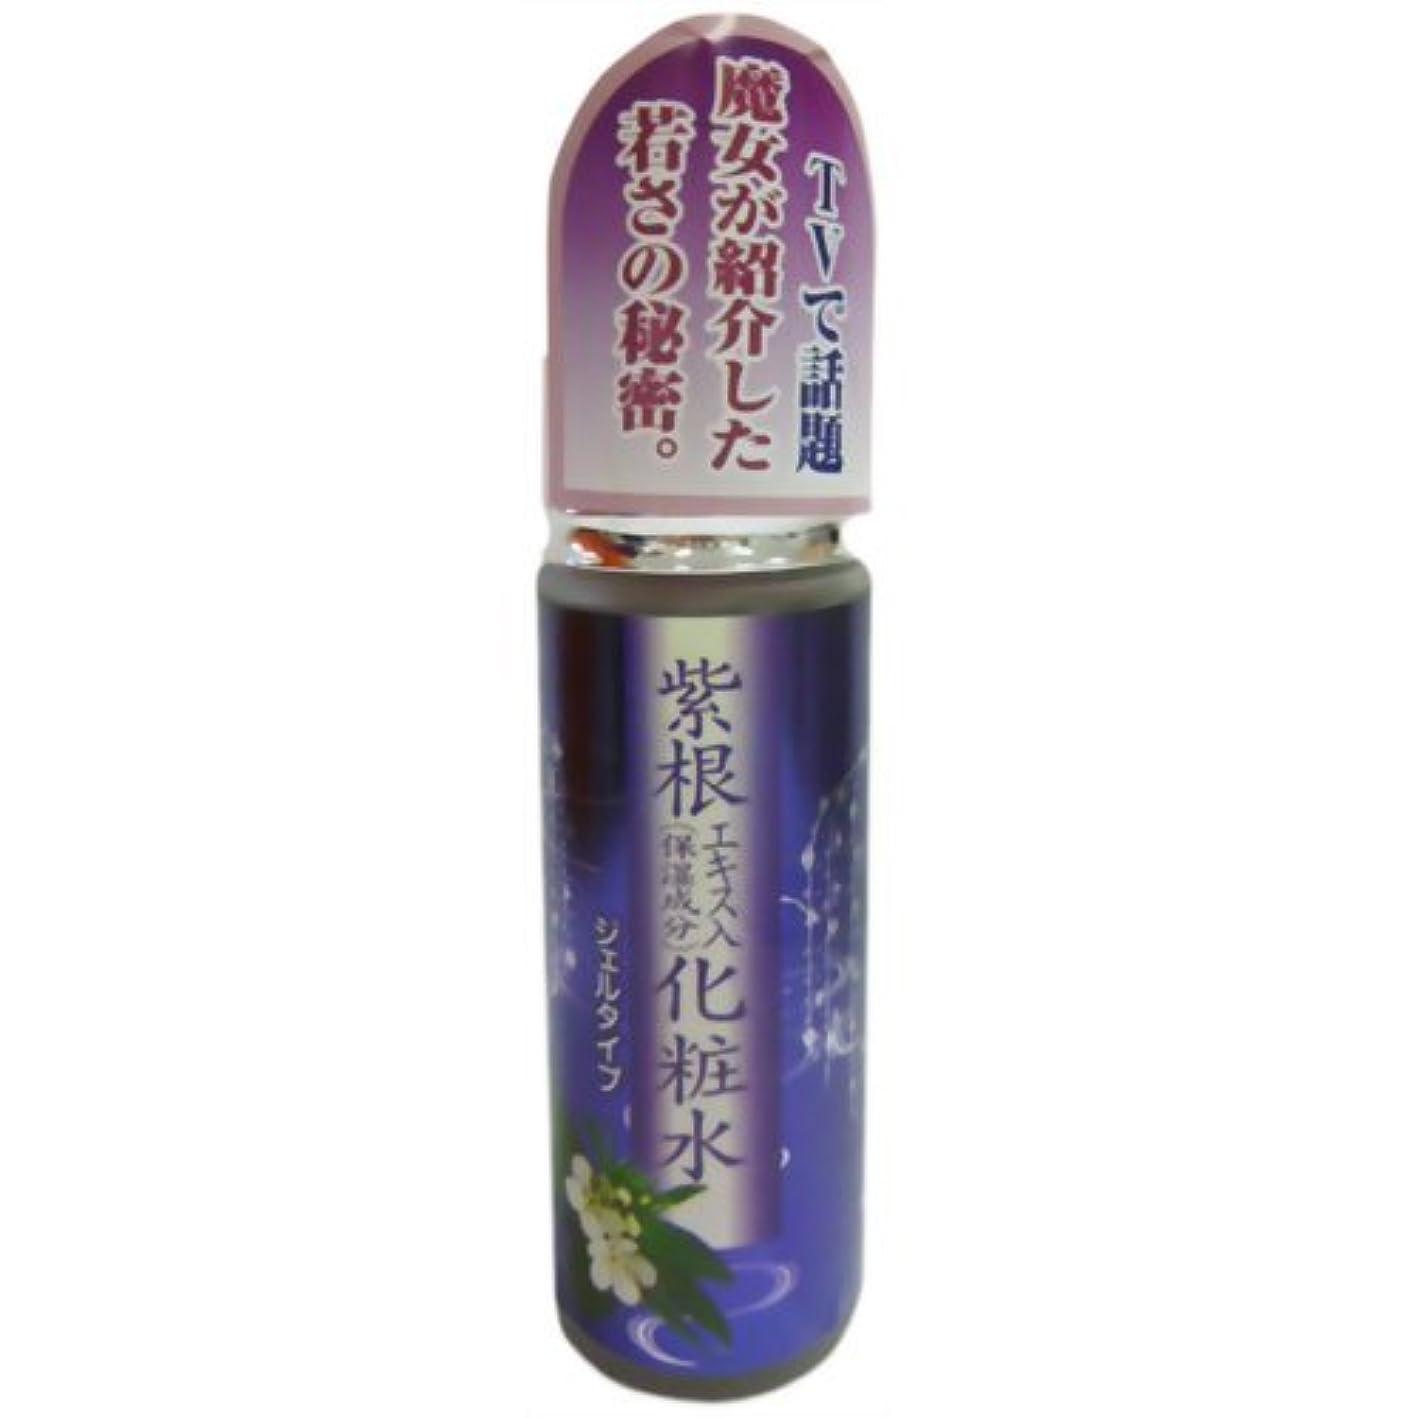 平衡猛烈なトリム紫根ジェルローション 120ml